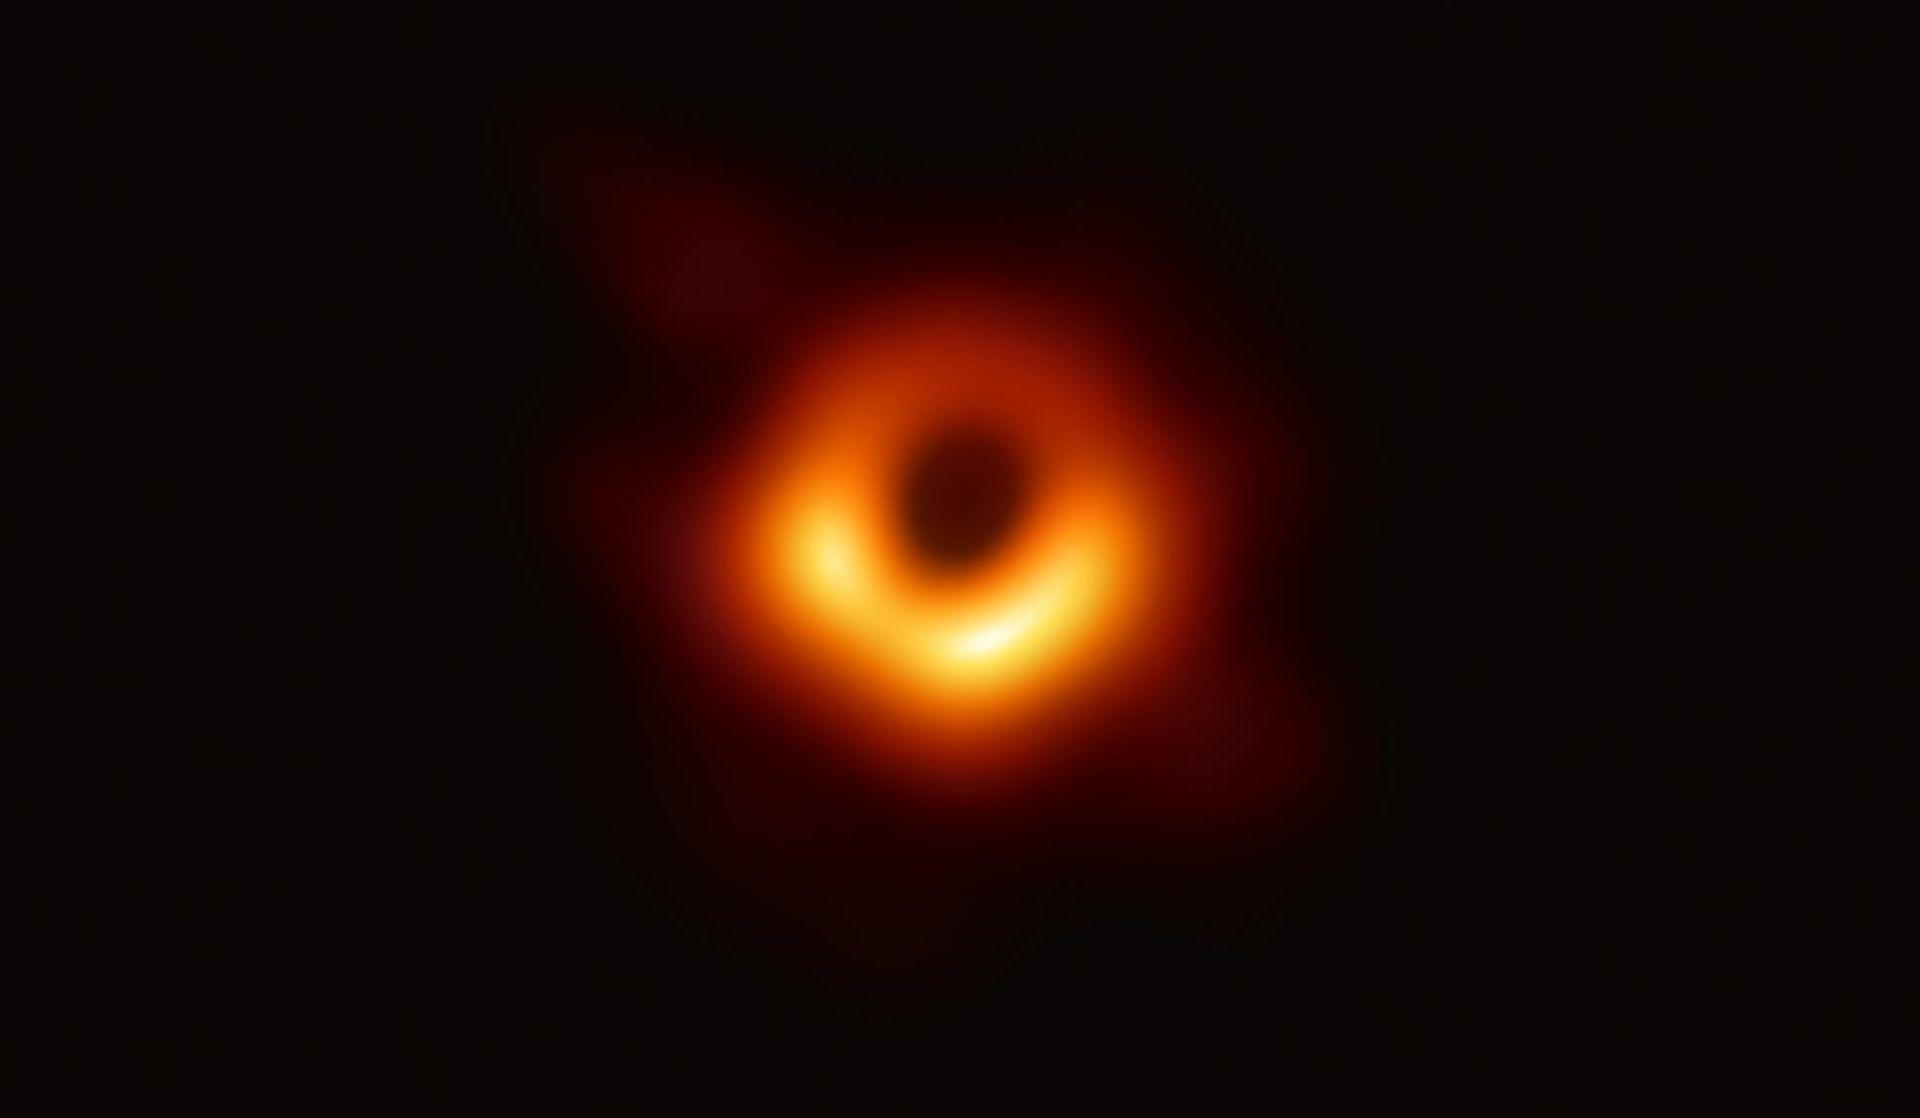 Här är första bilden på ett svart hål